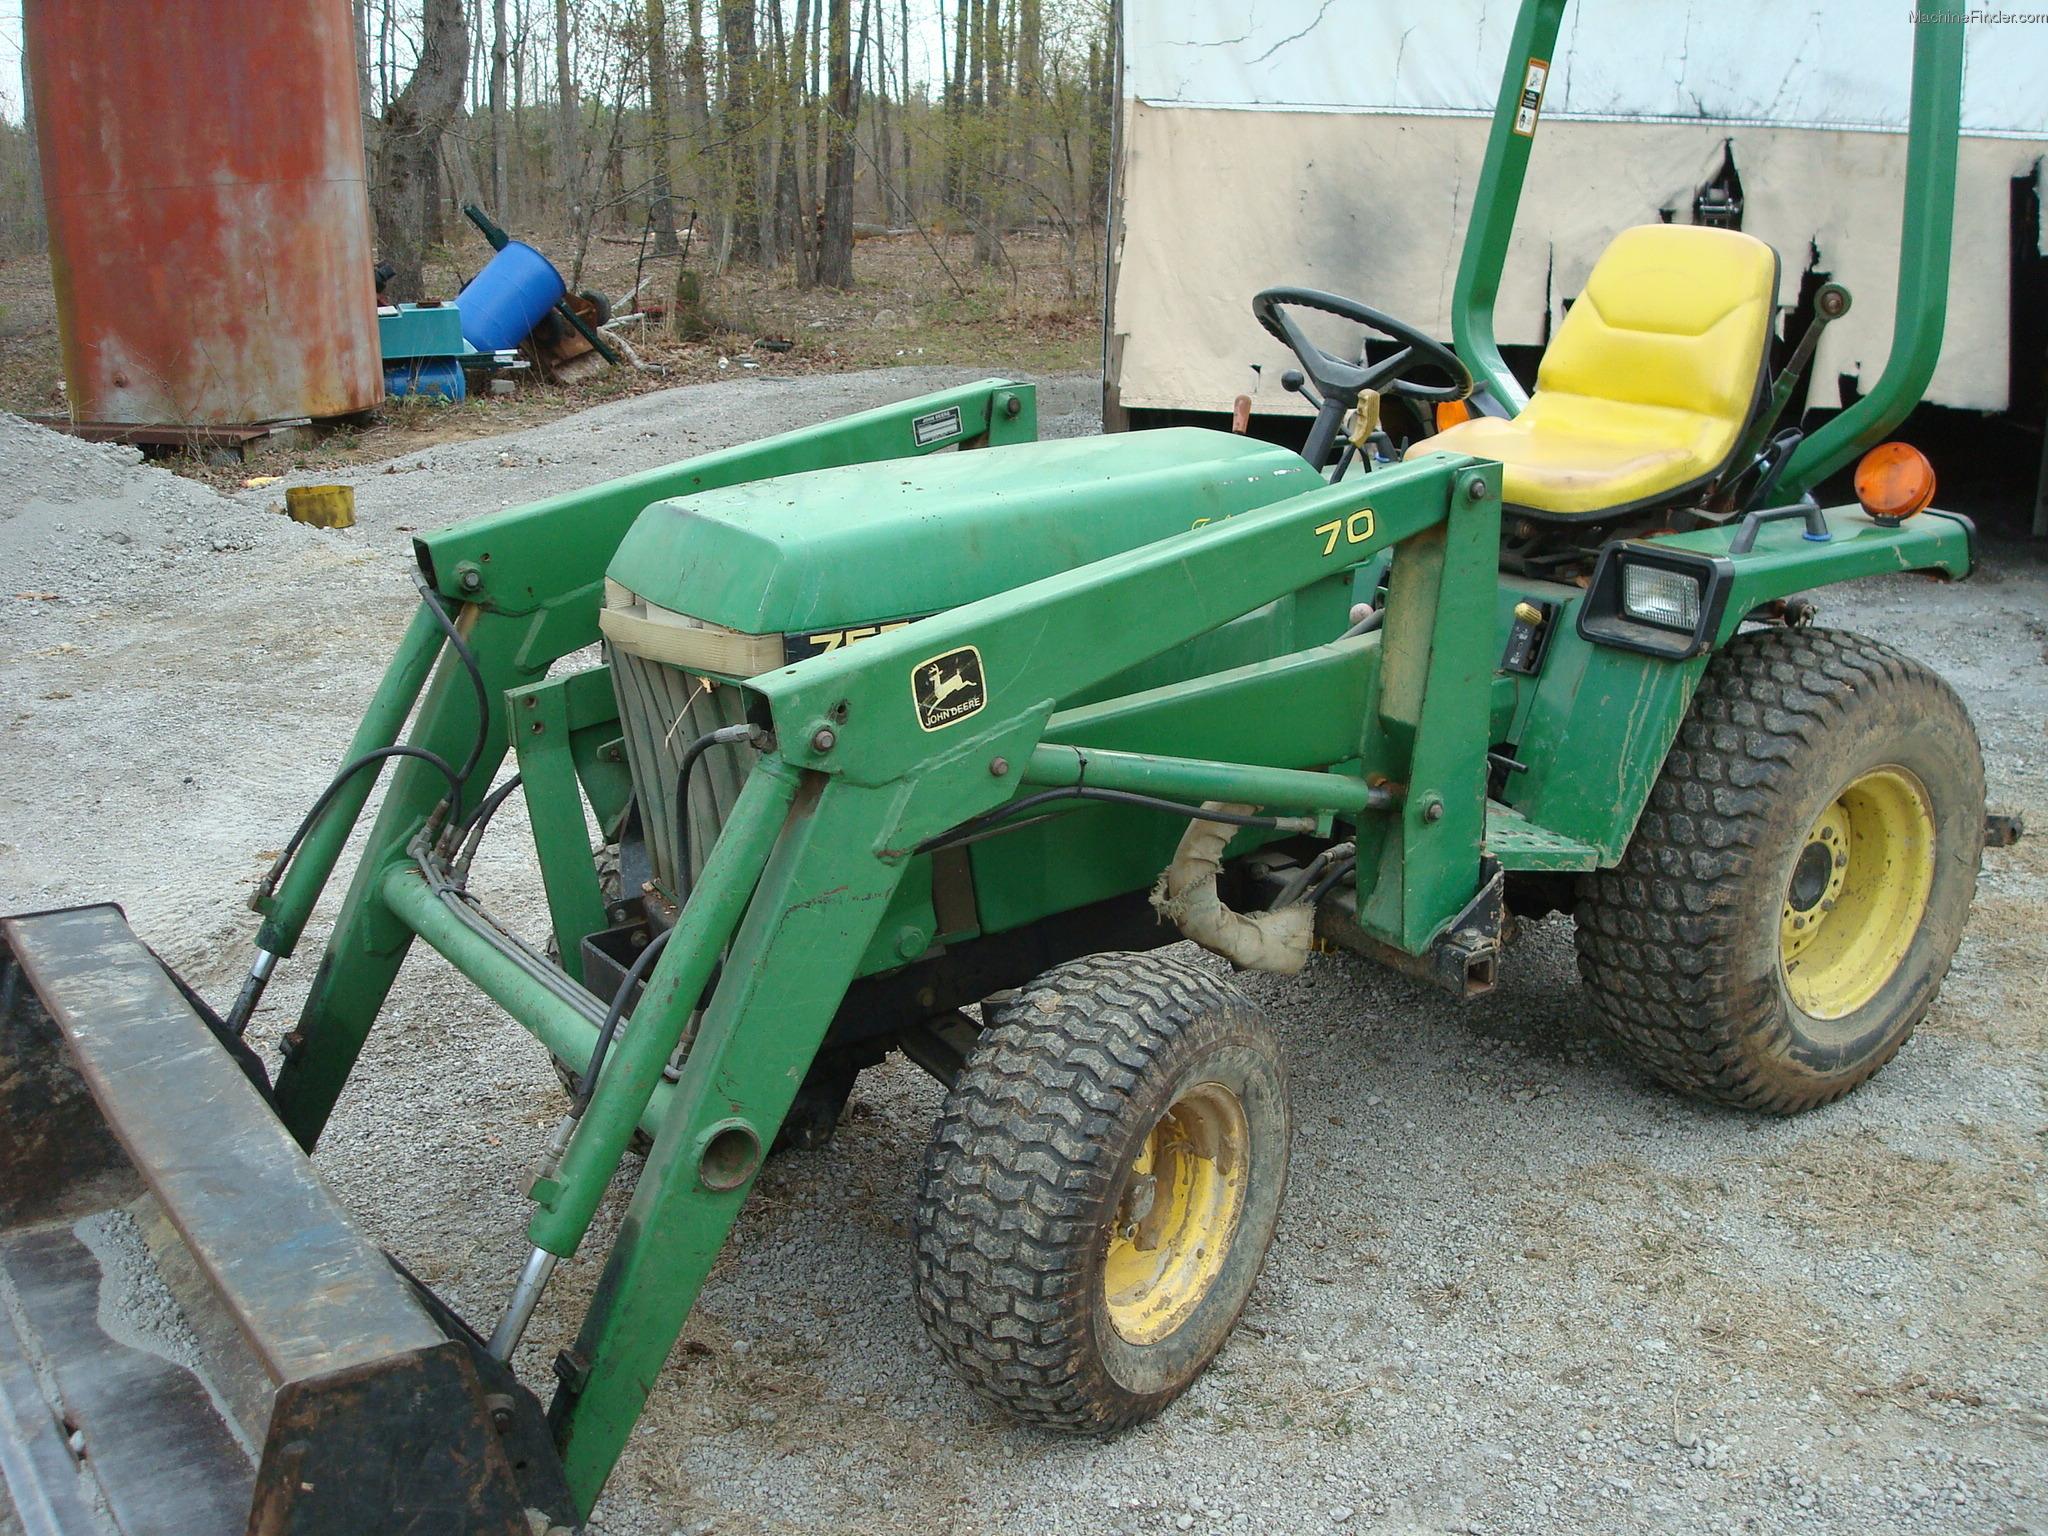 1993 john deere 755 tractors compact 1 40hp john deere machinefinder. Black Bedroom Furniture Sets. Home Design Ideas